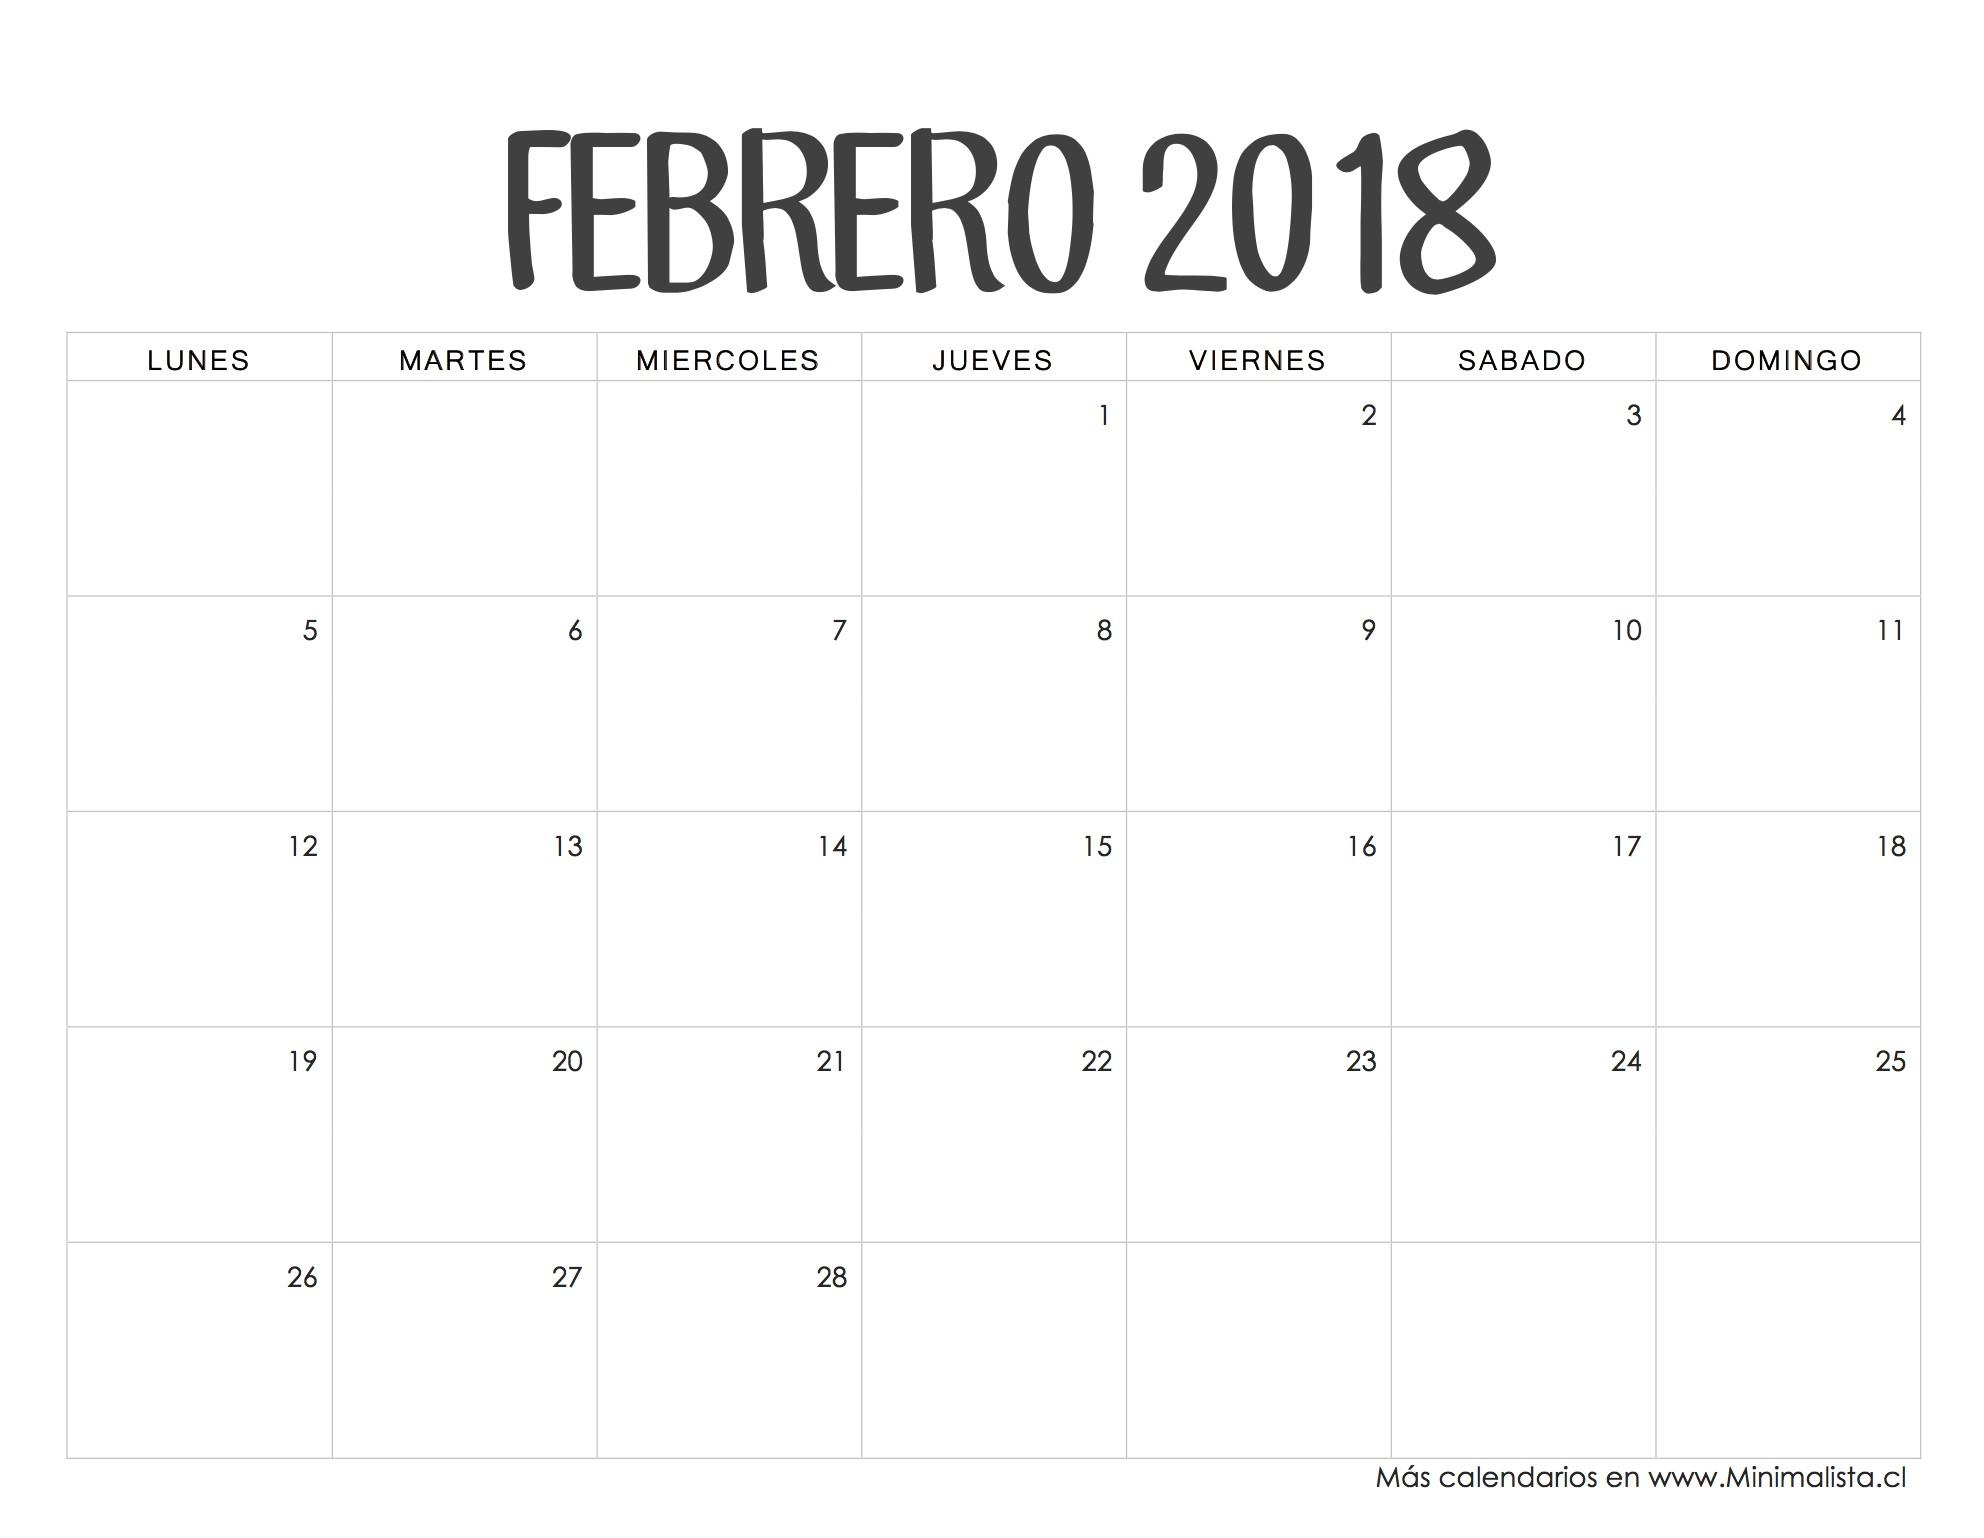 Calendario Marzo Y Abril 2017 Para Imprimir Más Recientes Mejores 32 Imágenes De Calendario En Pinterest En 2018 Of Calendario Marzo Y Abril 2017 Para Imprimir Más Actual Calaméo Deia